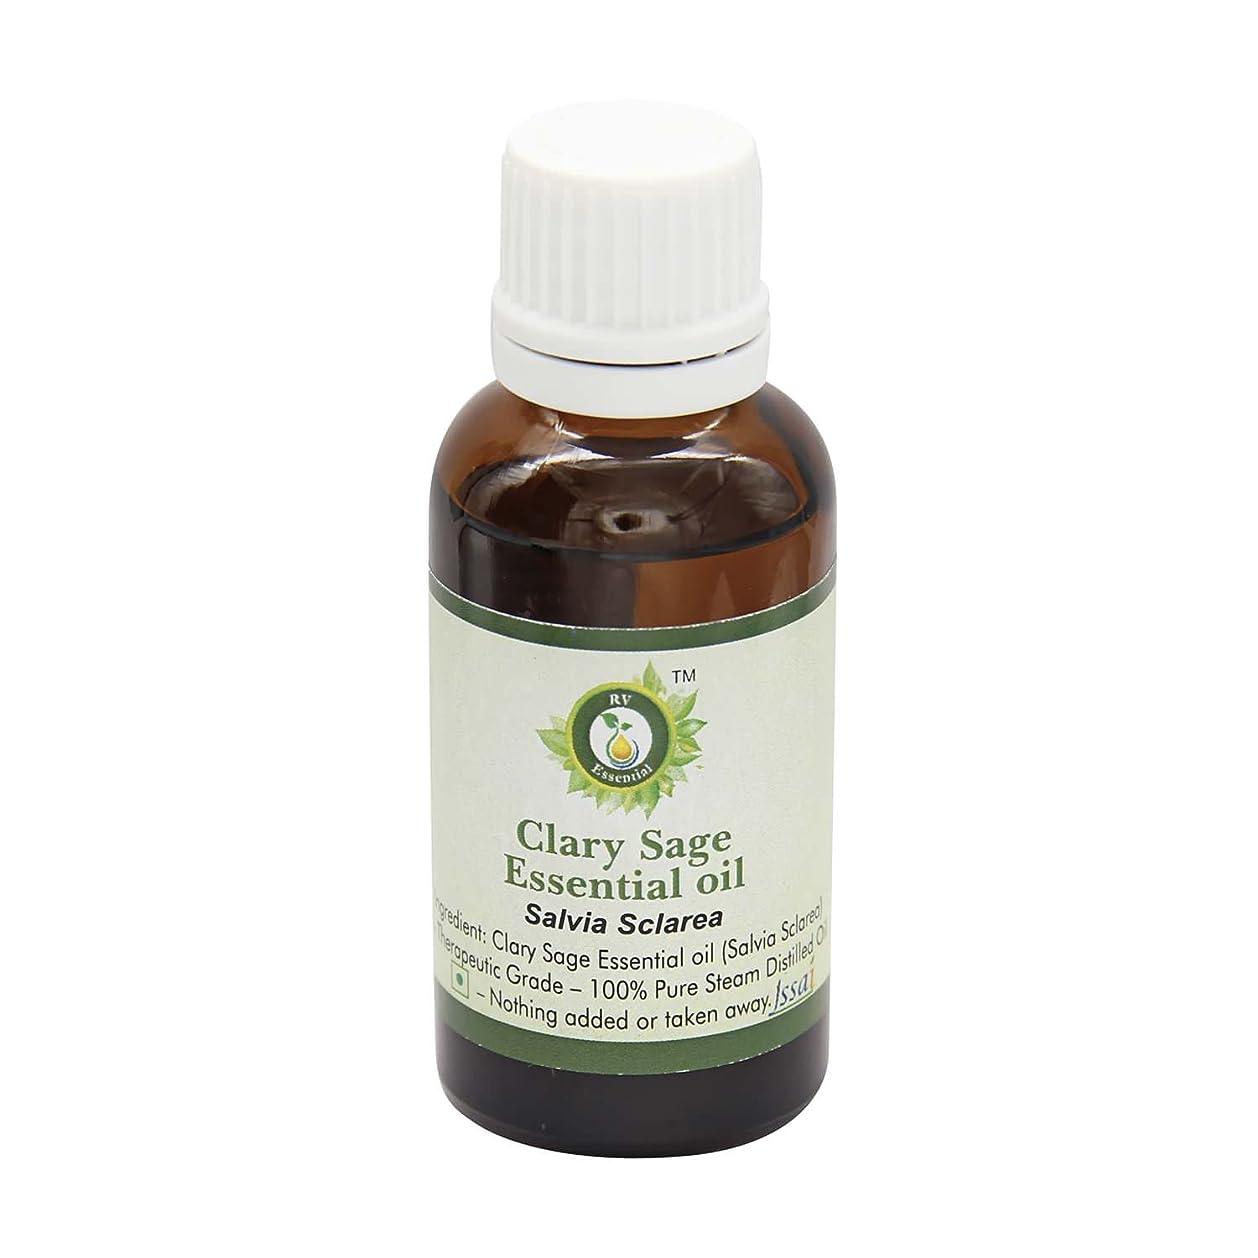 心配故障中混雑R V Essential ピュアクラリーセージエッセンシャルオイル630ml (21oz)- Salvia Sclarea (100%純粋&天然スチームDistilled) Pure Clary Sage Essential Oil